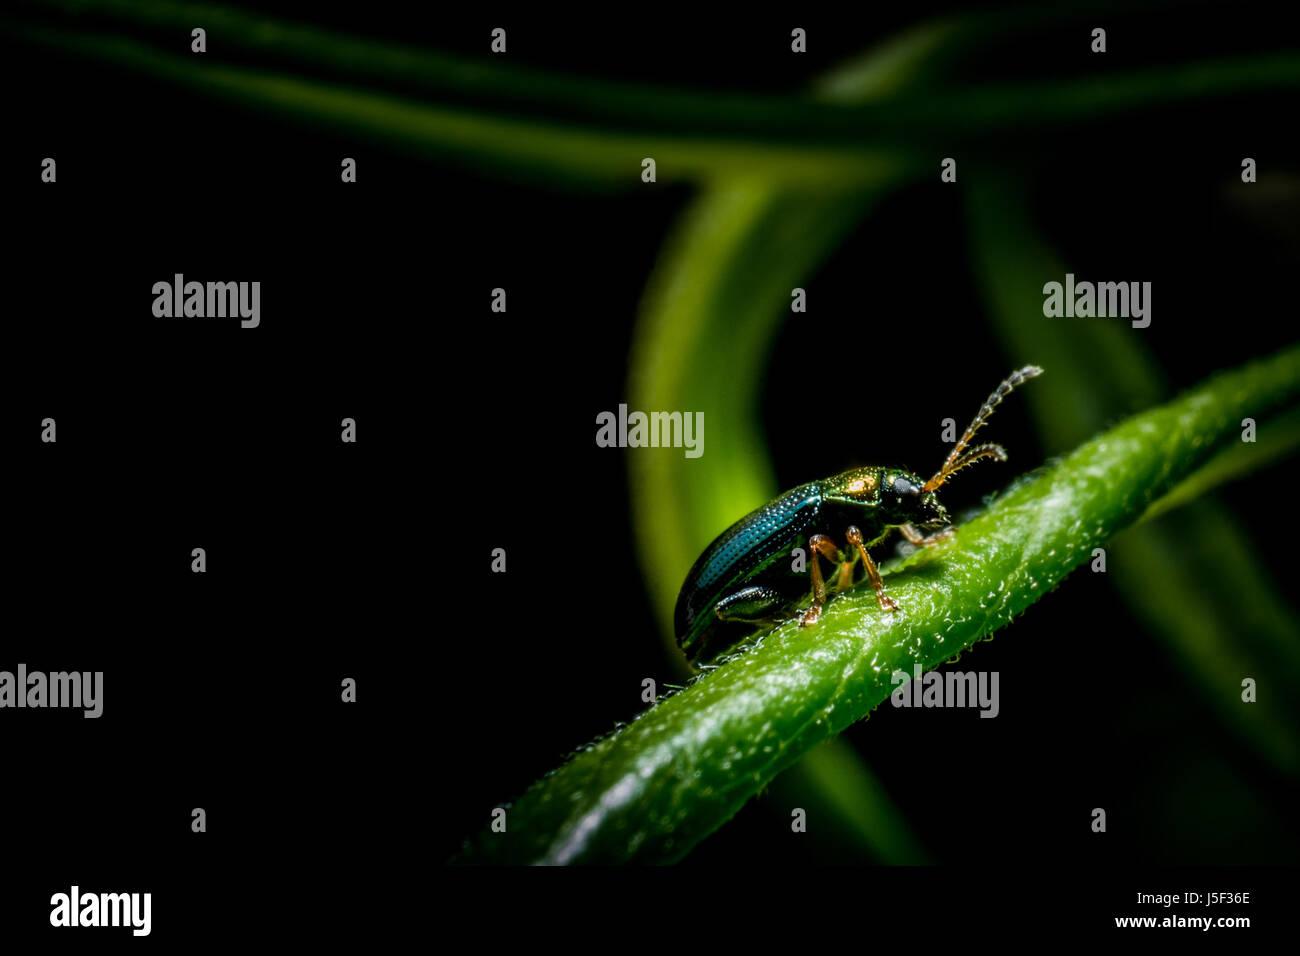 Petit bug métallique sur l'herbe verte en forêt macro photo Banque D'Images